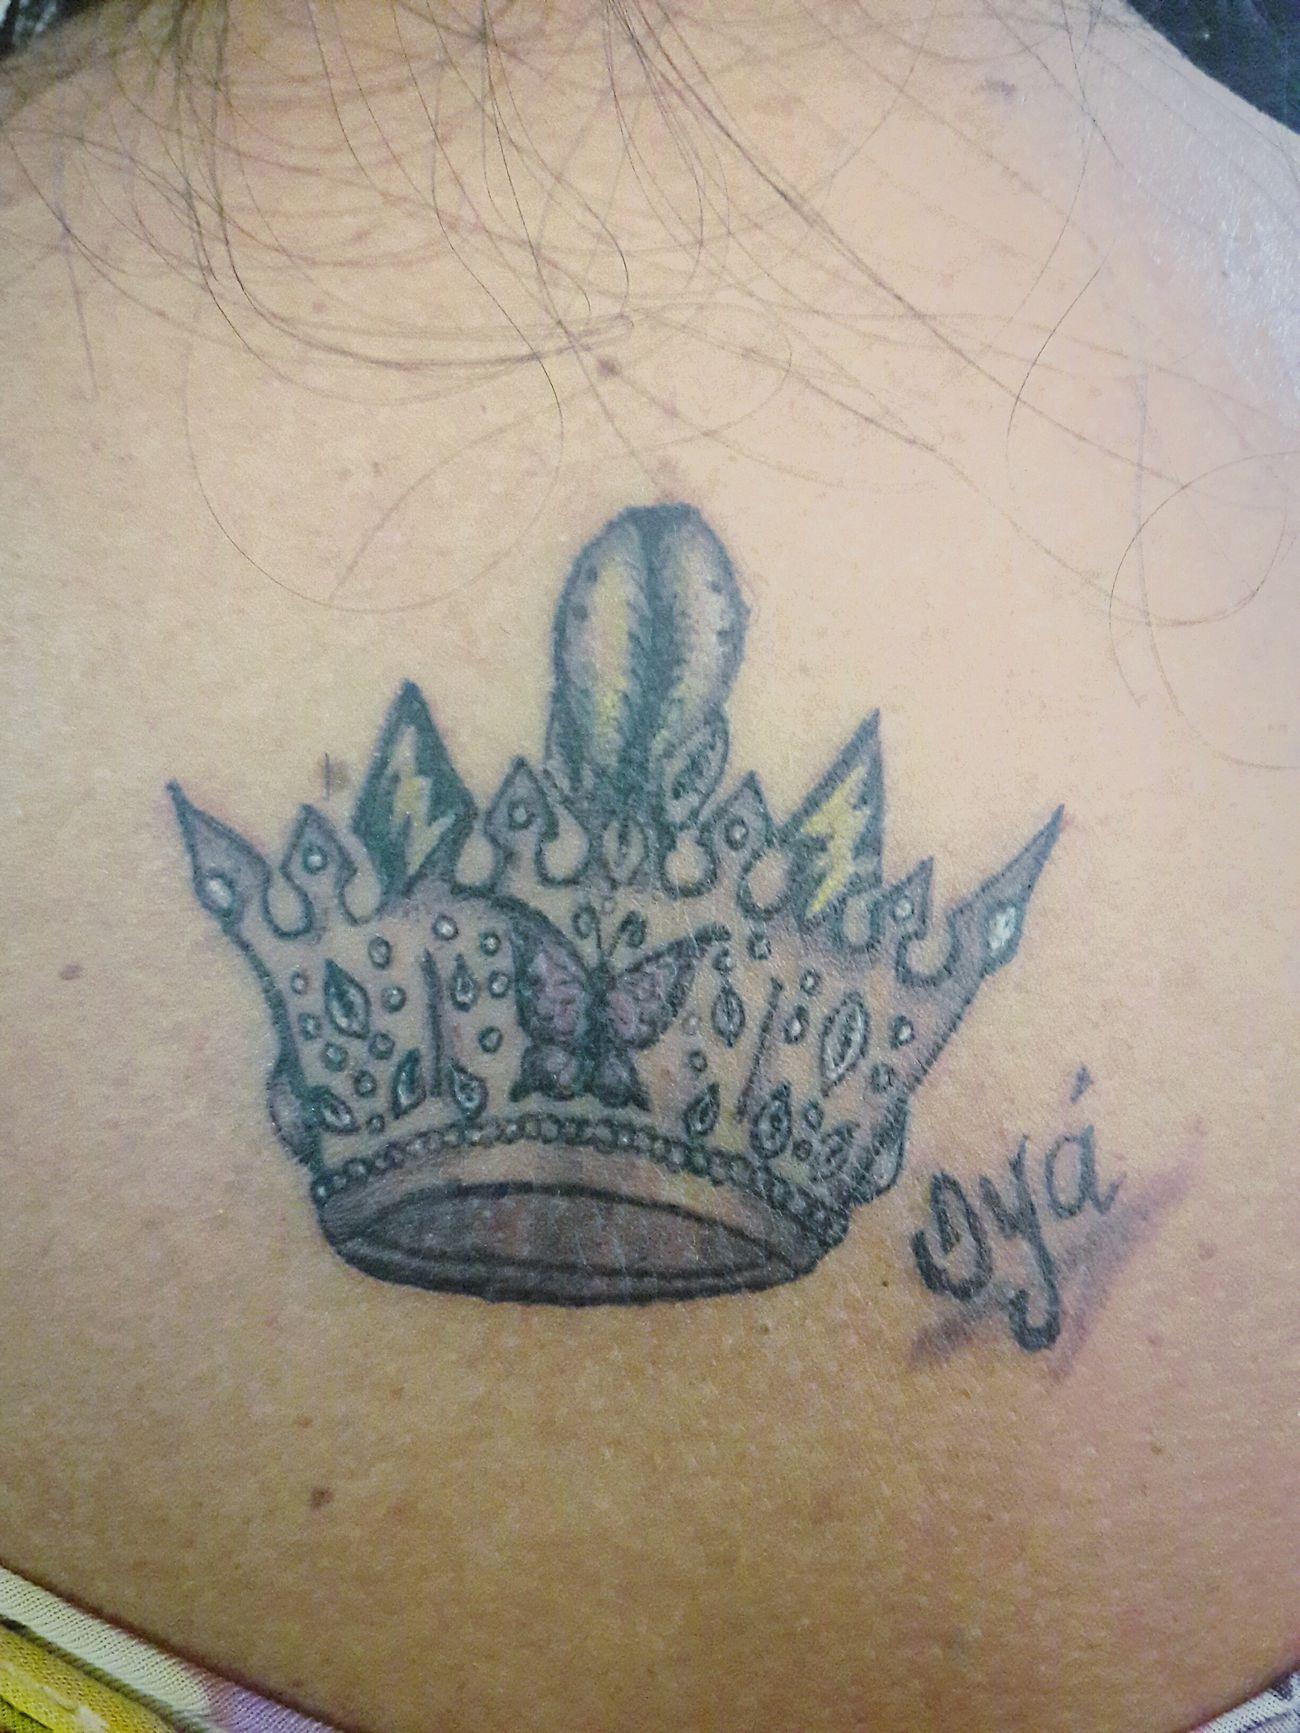 Drawing ✏ Creativity Tattoo ❤ Tattooed Tattooist Art, Drawing, Creativity AMOUR DE MA VIE